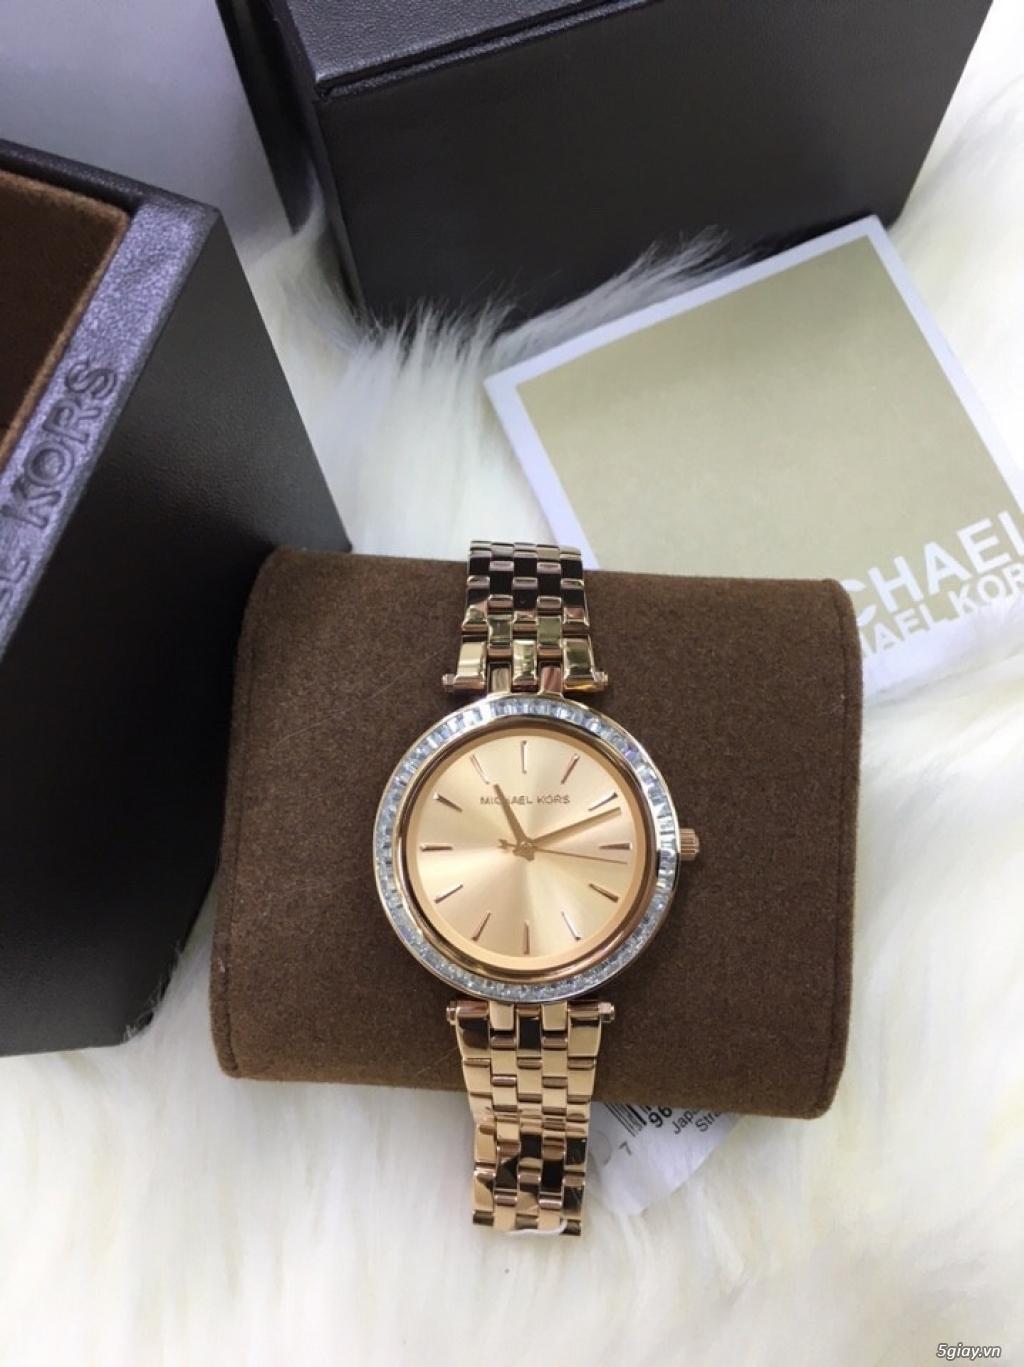 Đồng hồ chính hãng Michael Kors giá rẻ - 15